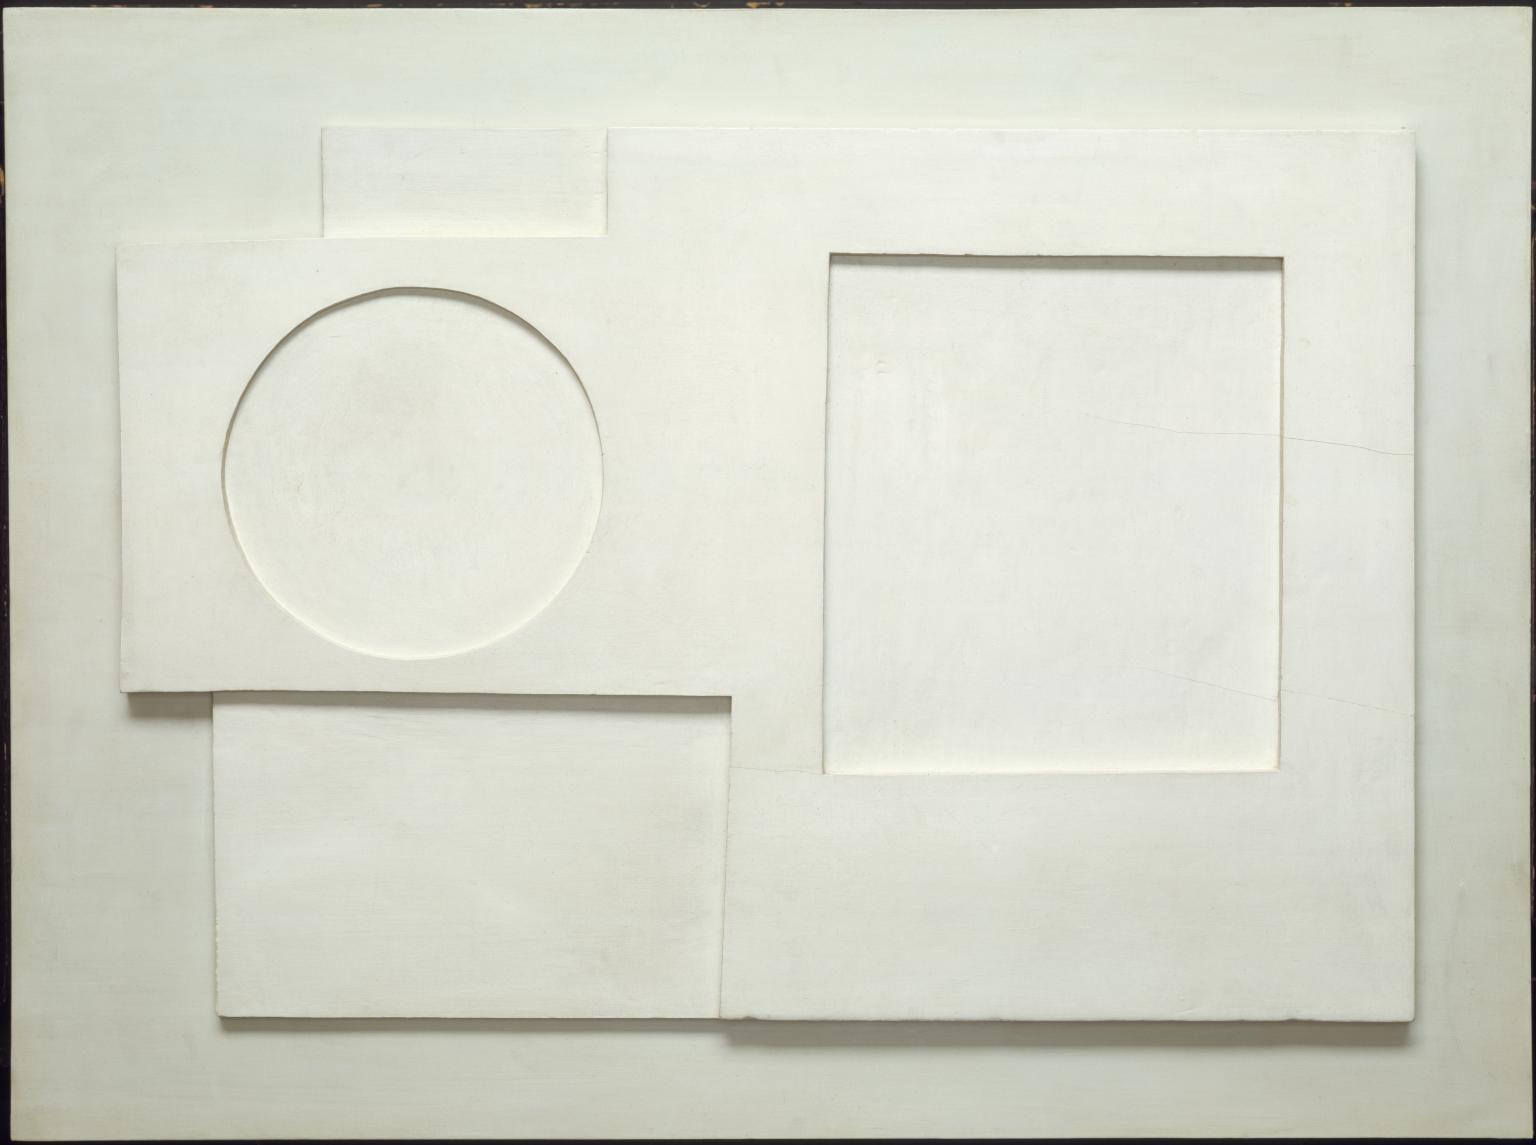 1934 (relief) 1934 by Ben Nicholson OM 1894-1982